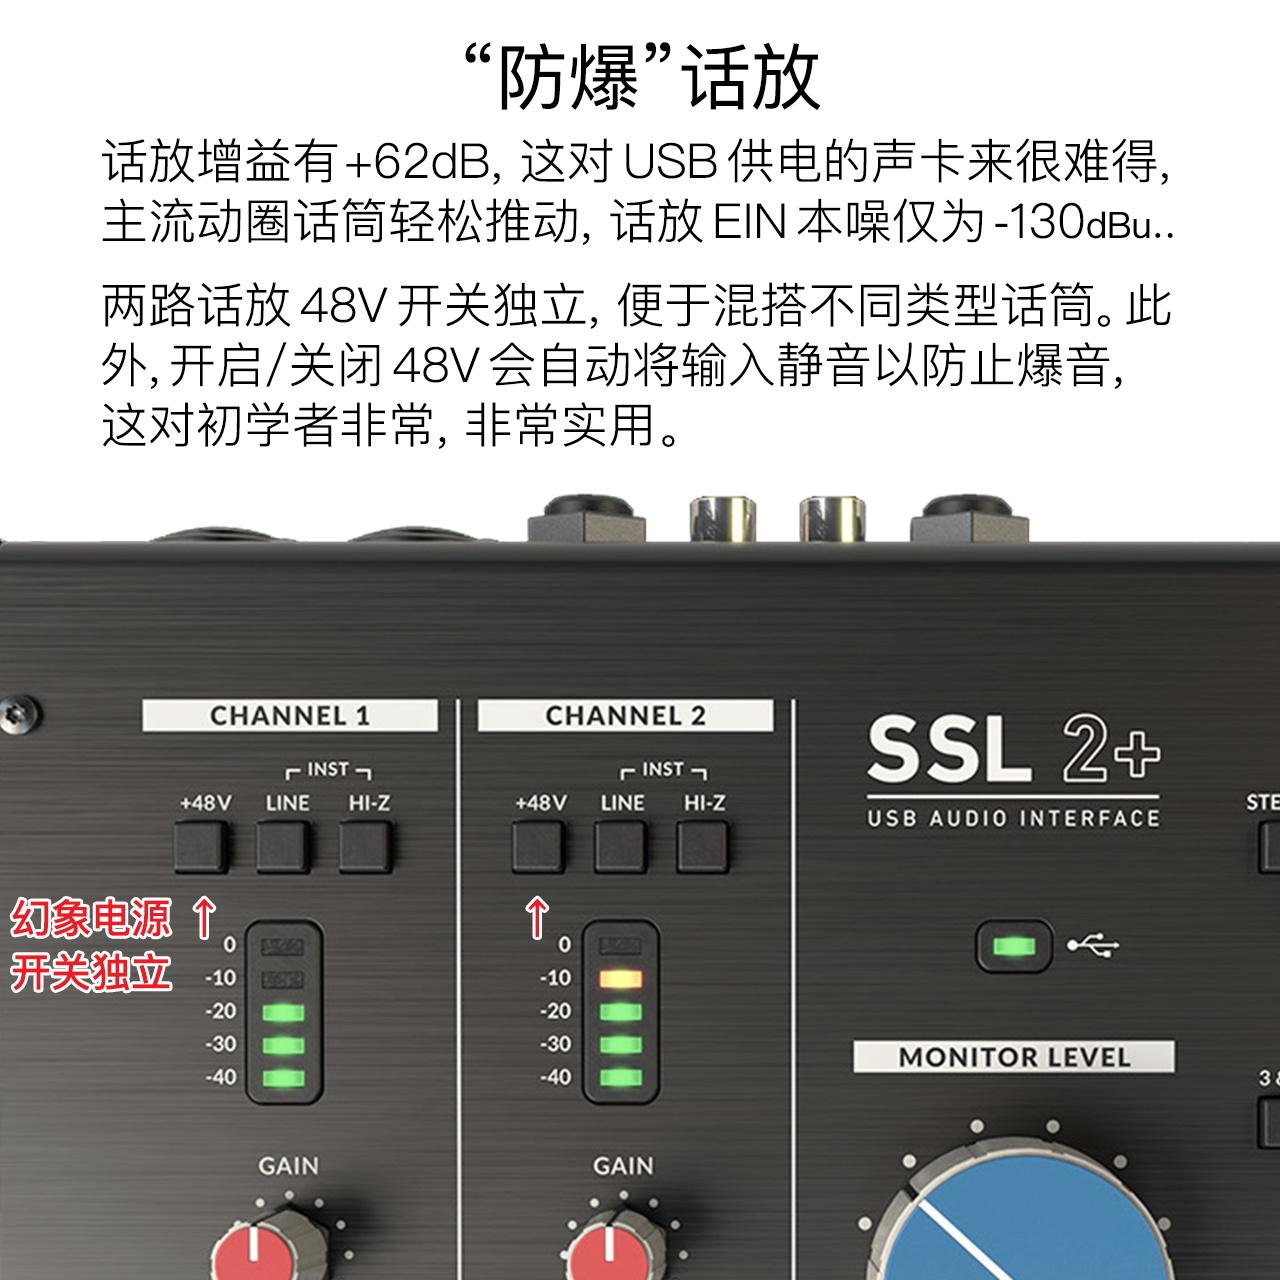 SSL_2 评测11.jpg